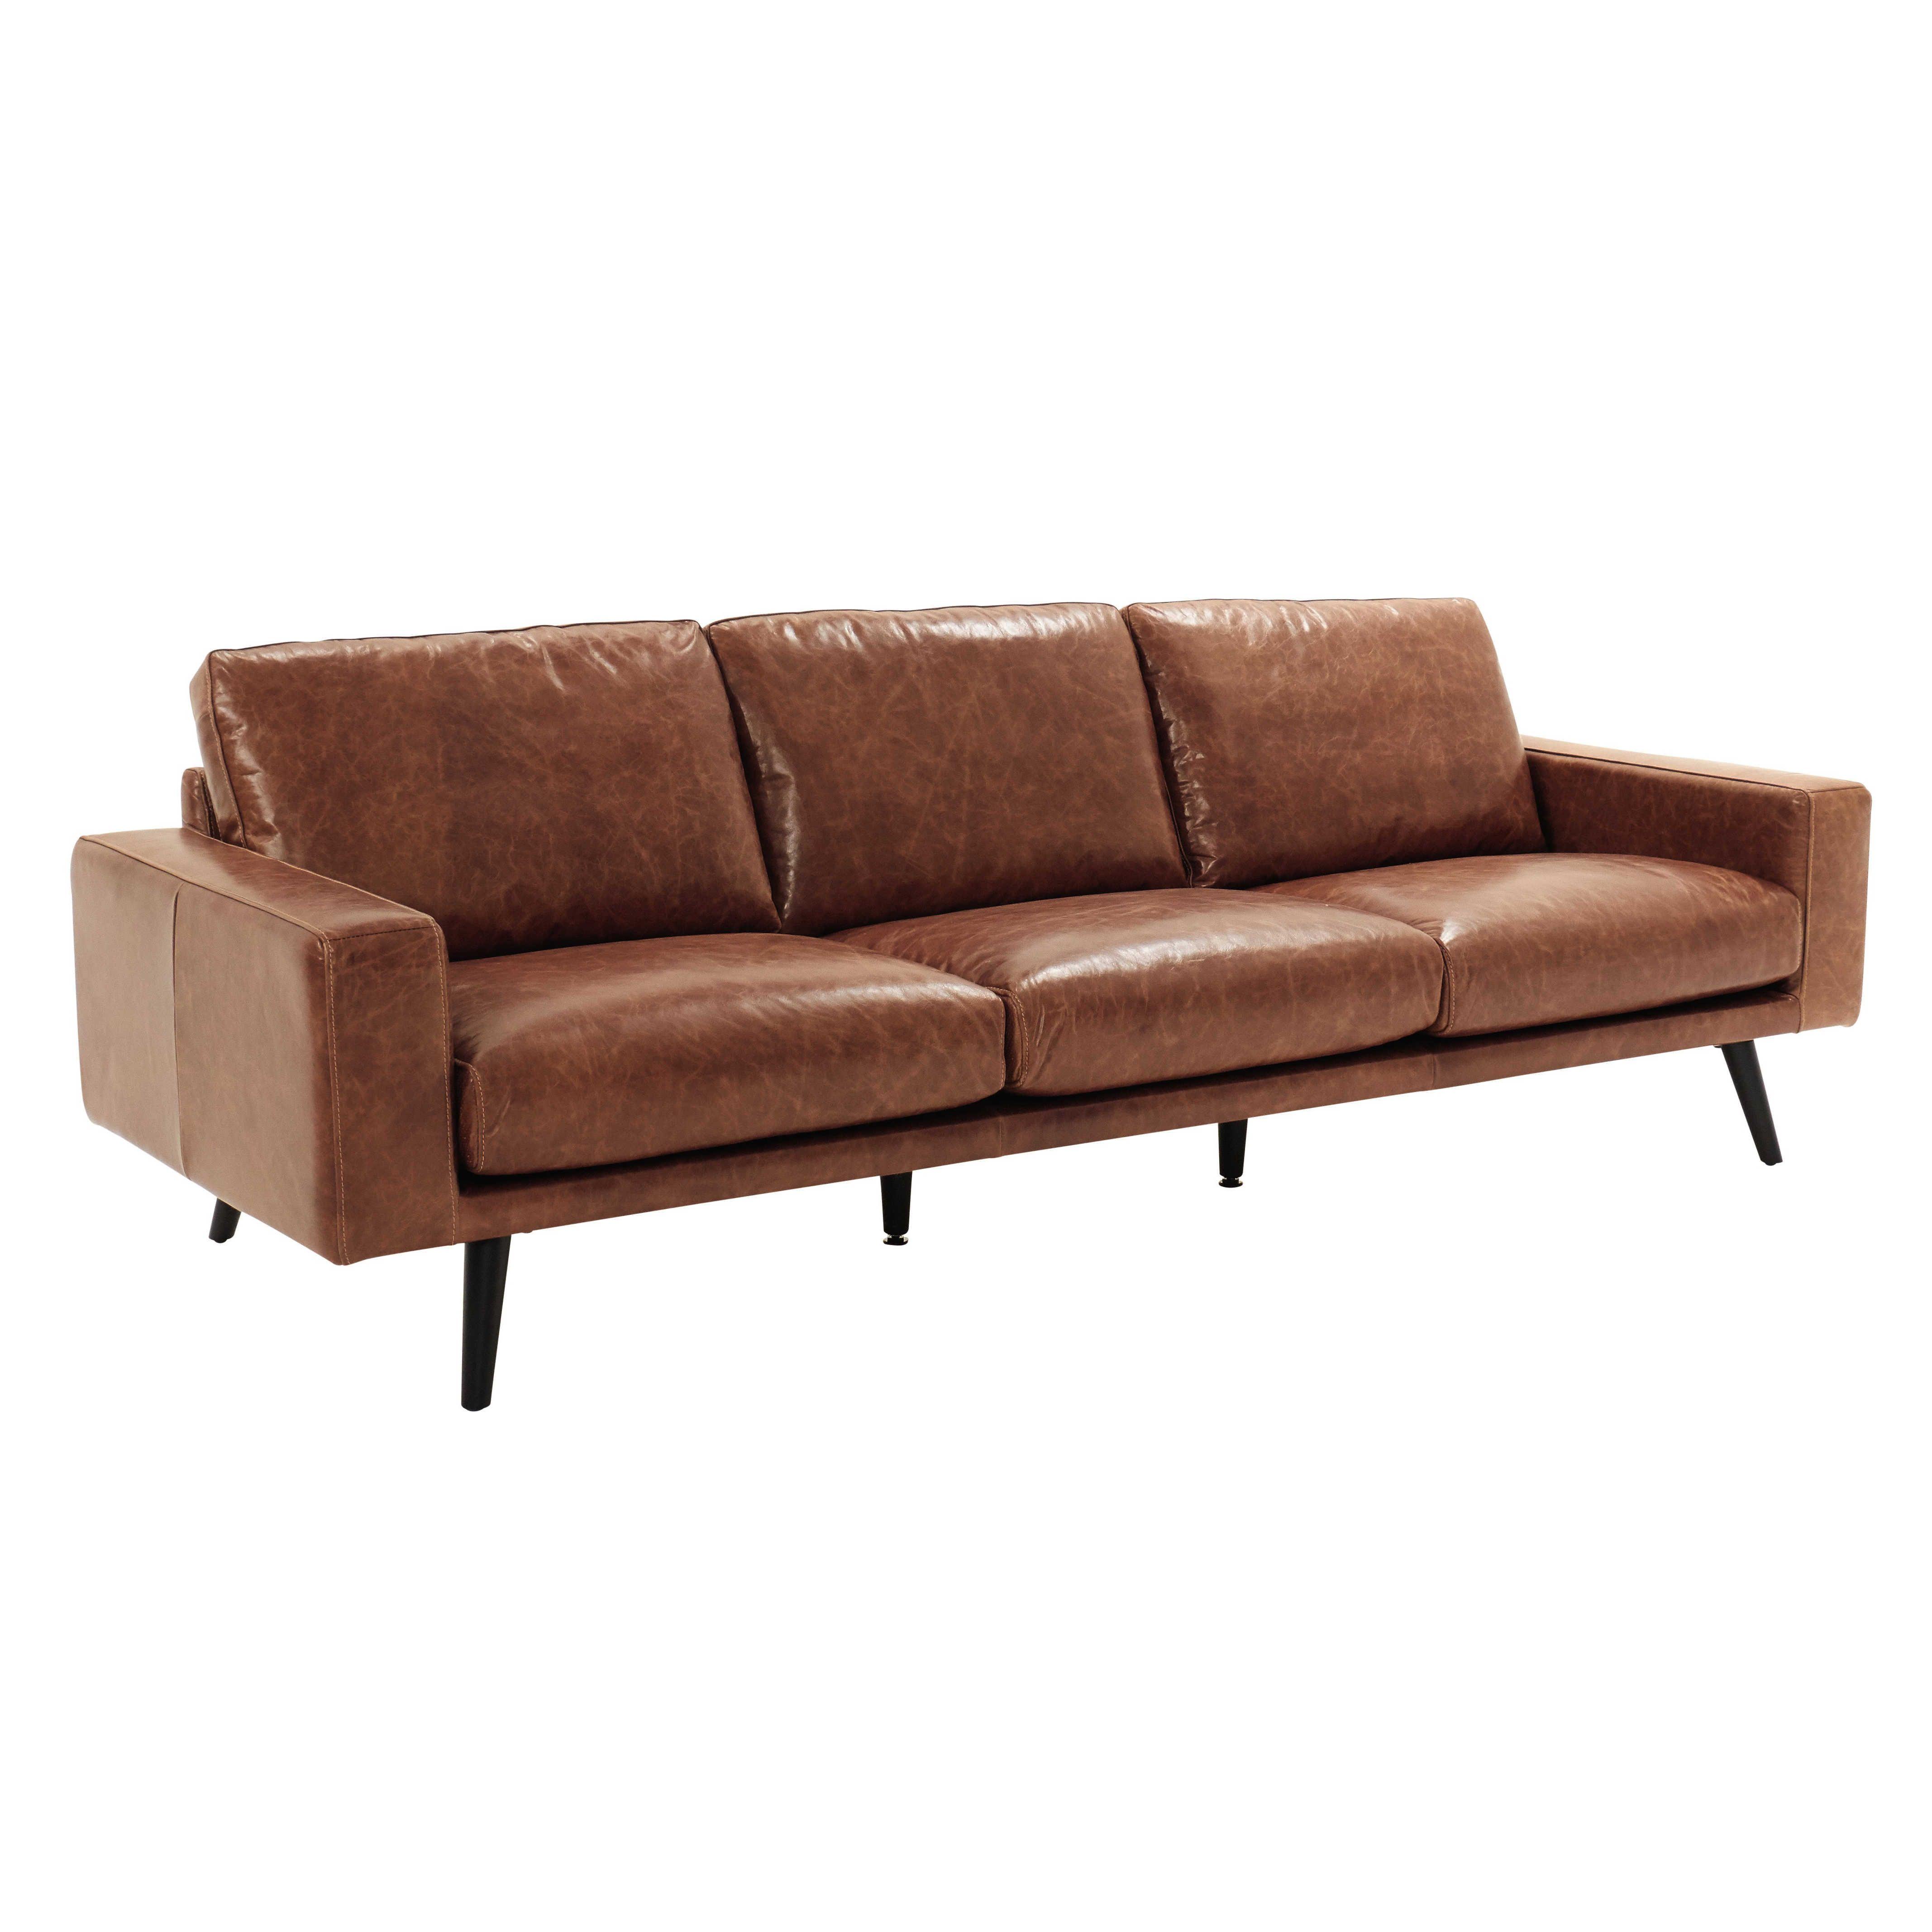 sof 4 plazas de piel marr n co ac clark maisons du. Black Bedroom Furniture Sets. Home Design Ideas